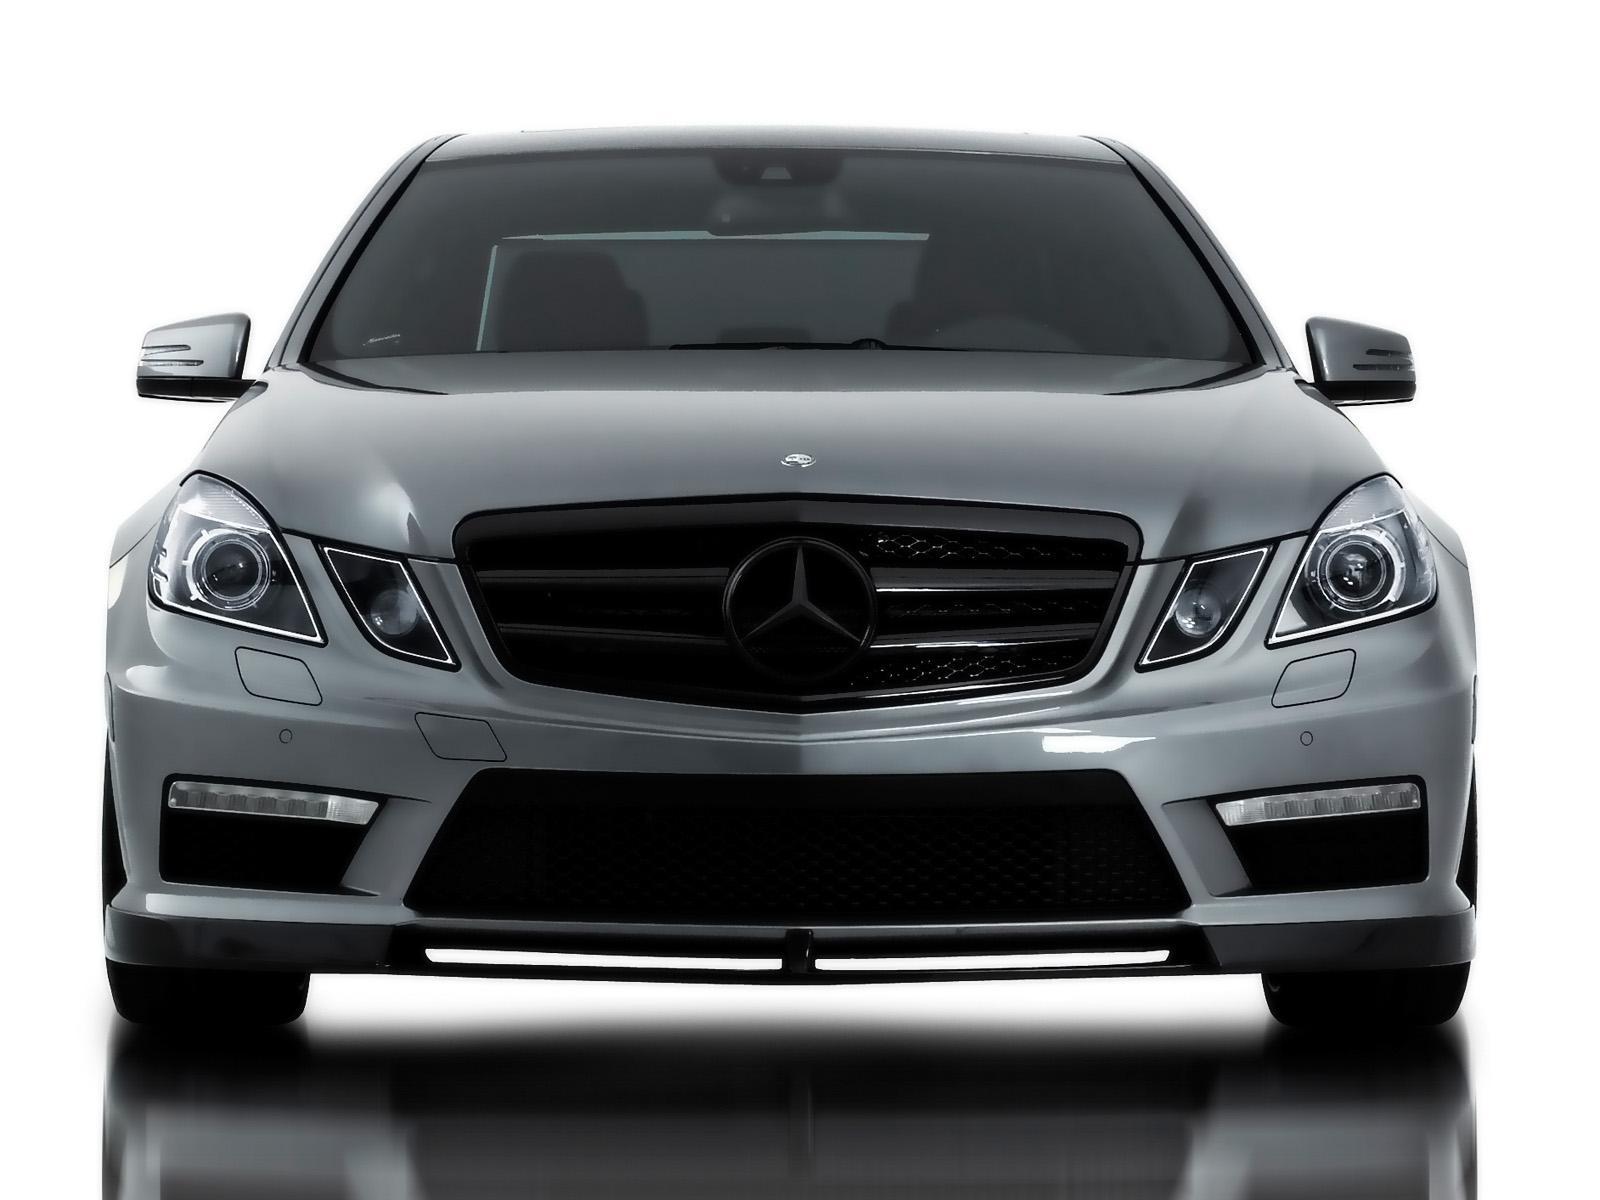 2010 vorsteiner e63 amg v6e aero package news and for Mercedes benz e63 2010